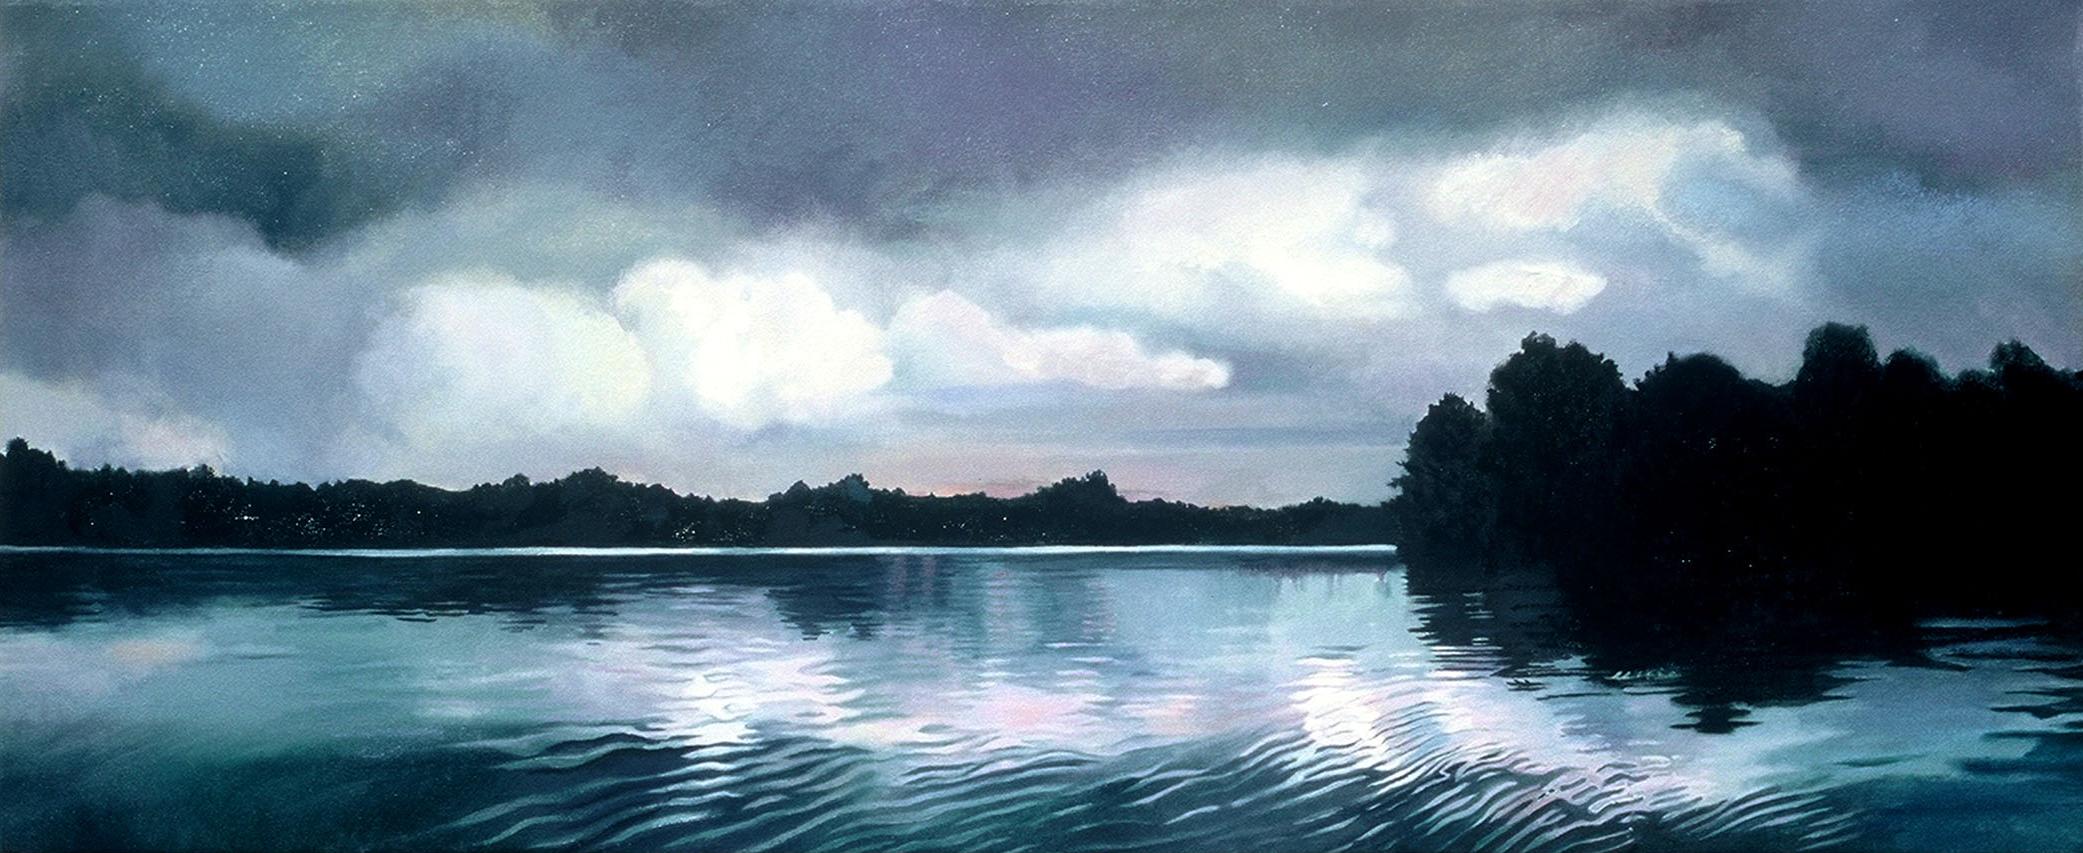 Reidsville Lake, Morning, 23.5 x 54.5 inches (framed), oil, 2005-2006